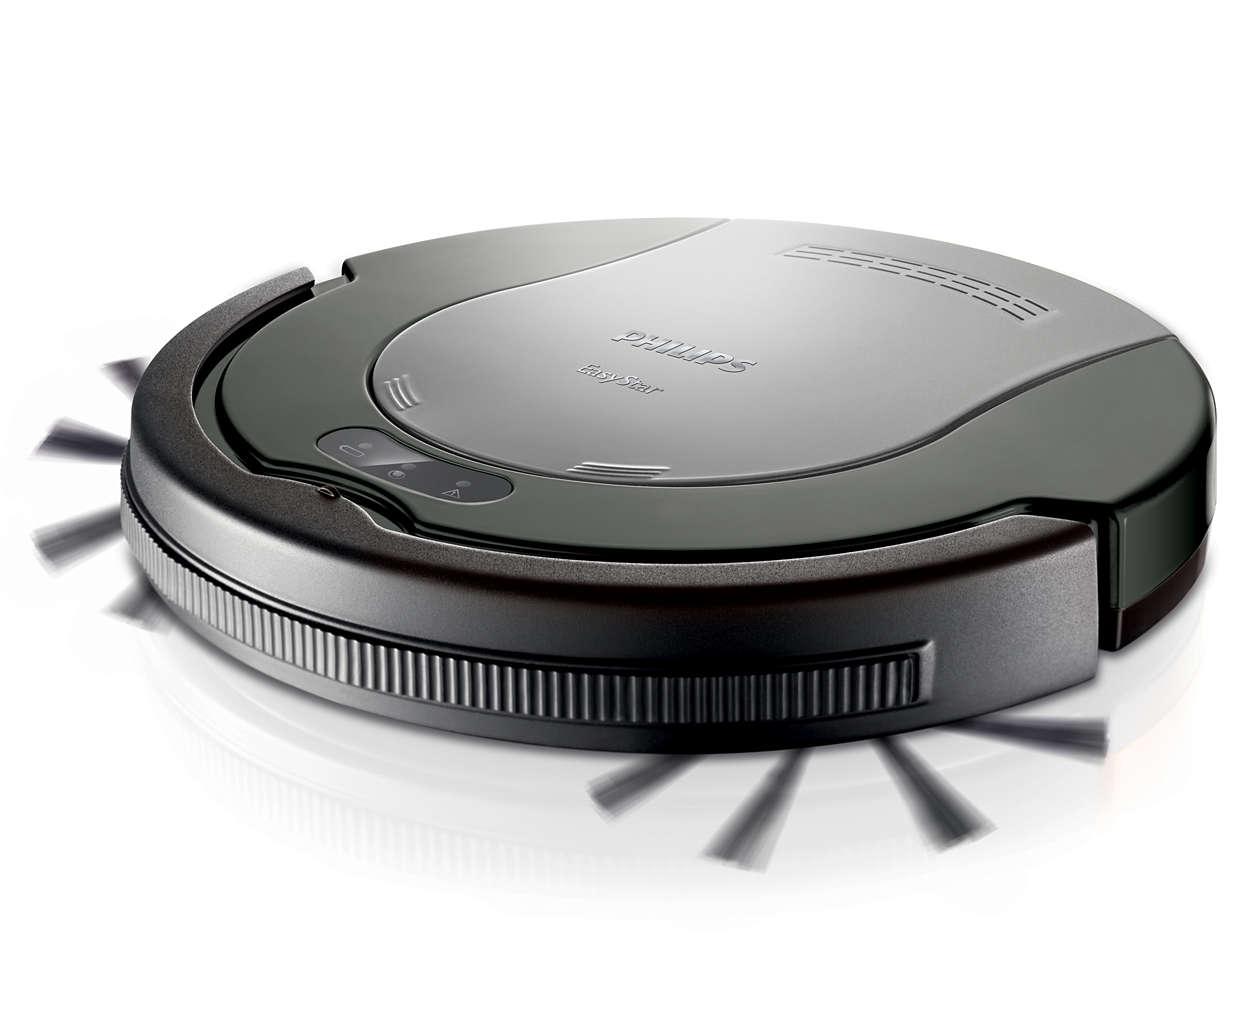 Flachster Roboter-Staubsauger